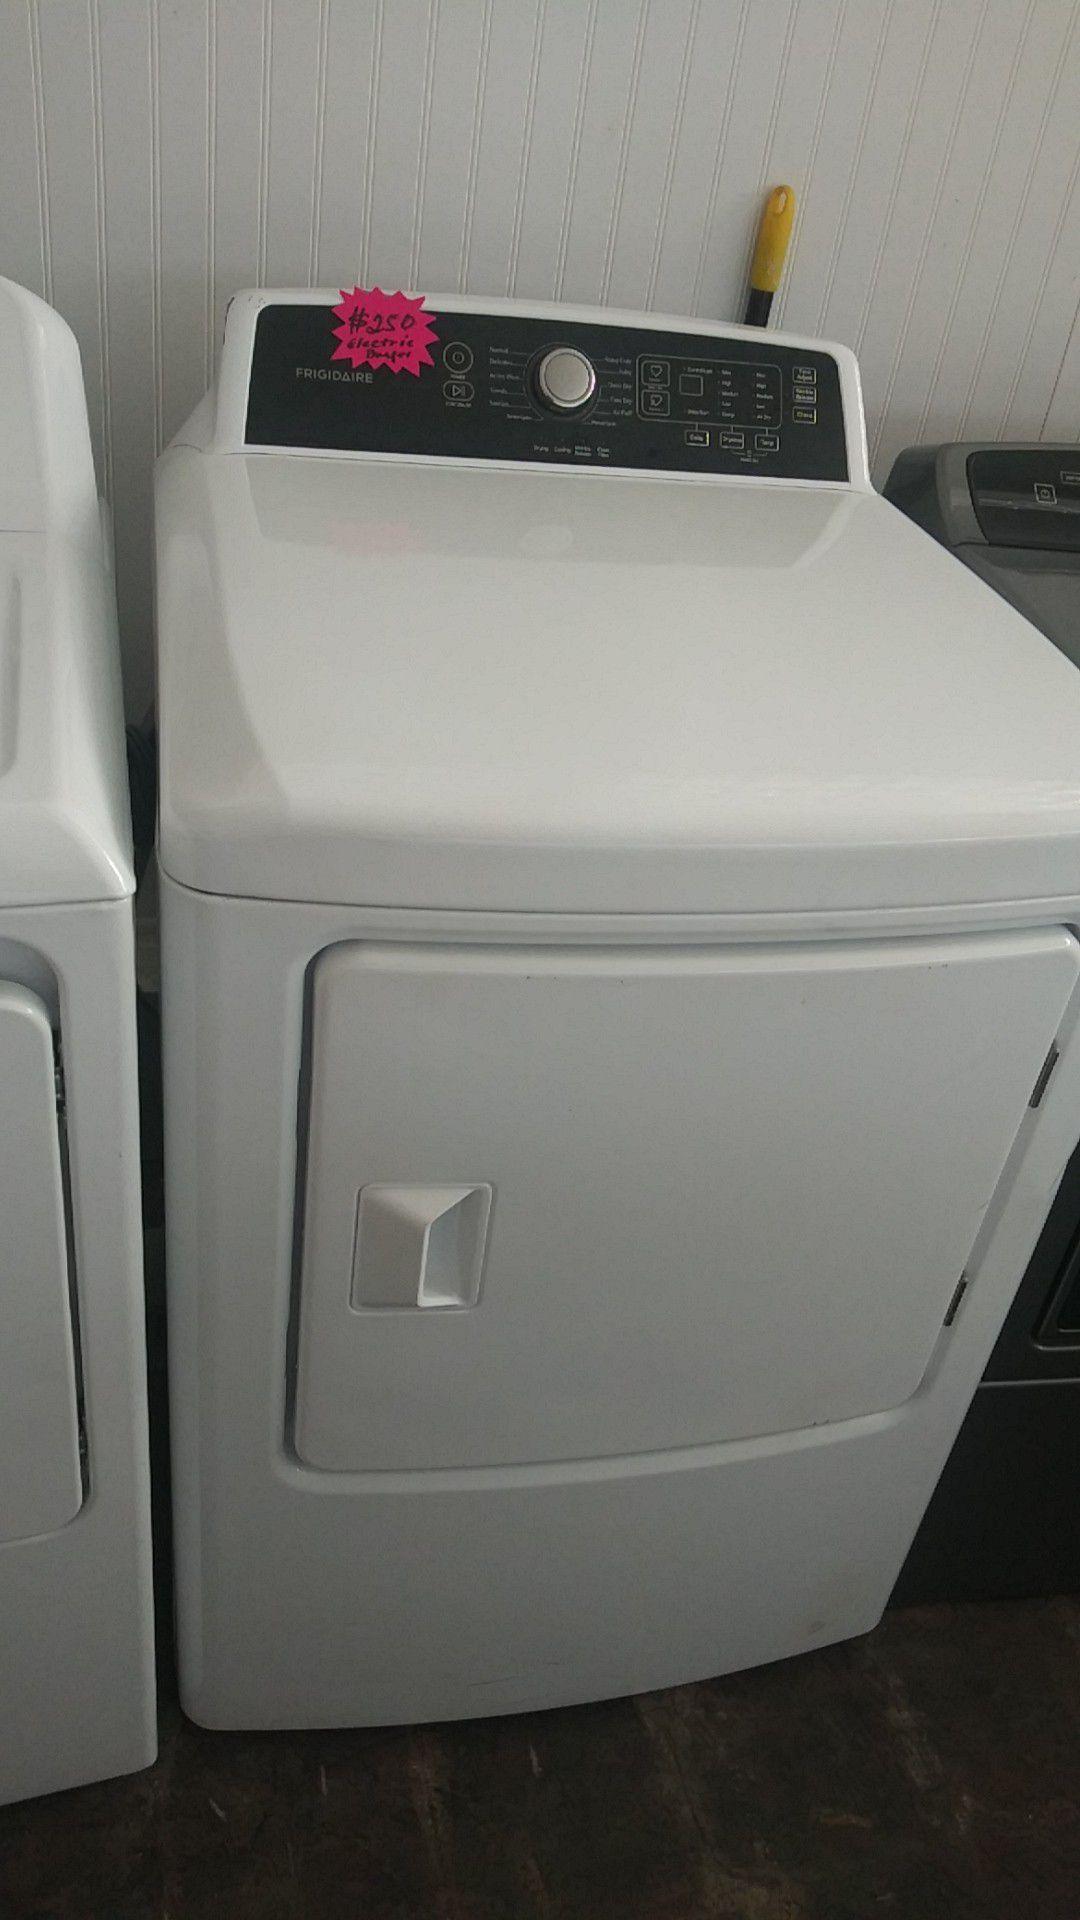 Frigidaire top load dryer